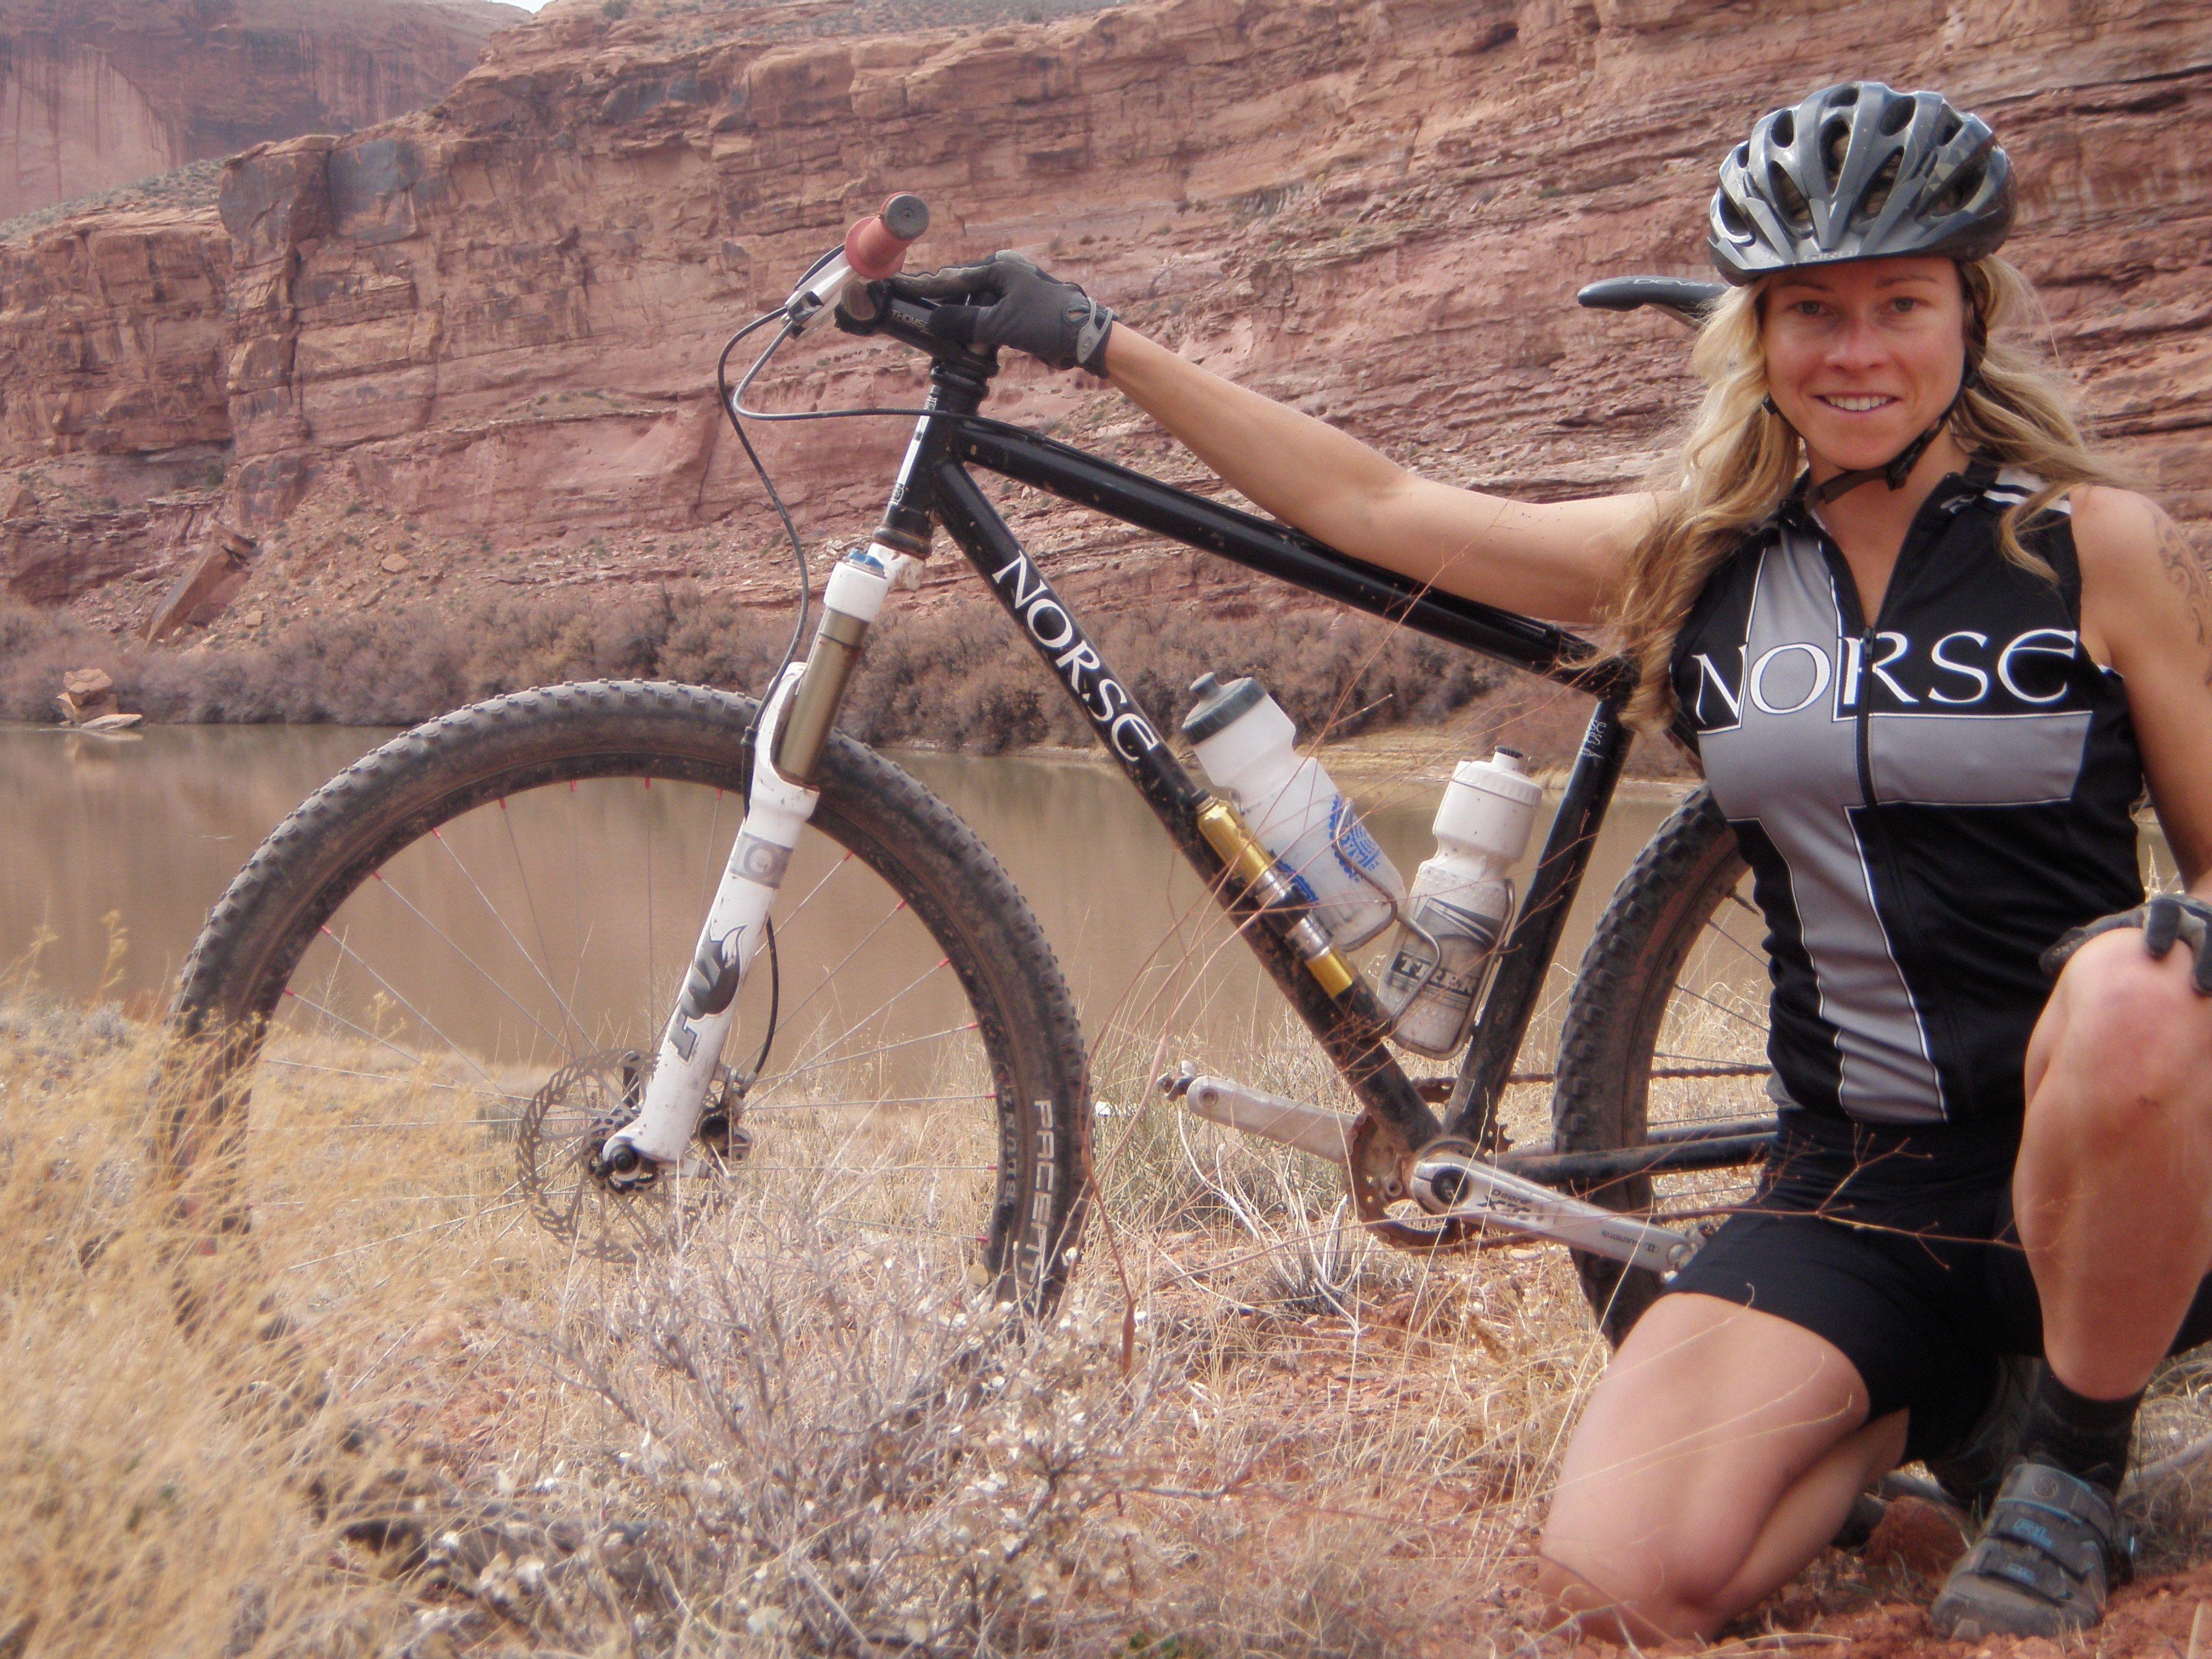 Hot girl on bicycle women